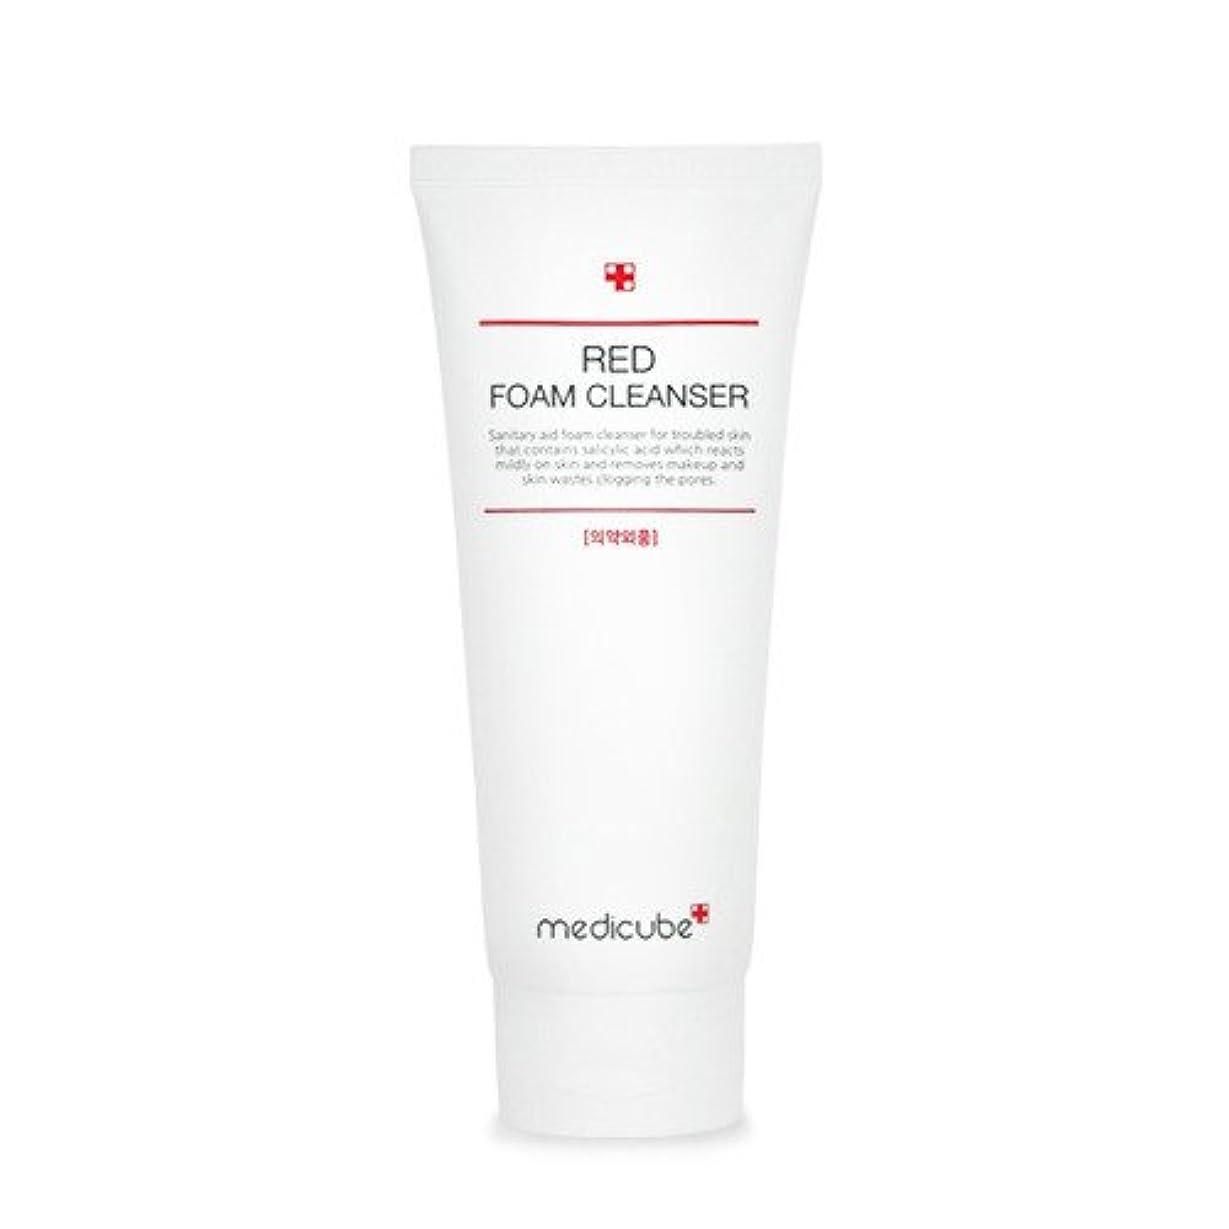 効果的運河解説[Medicube]Red Foam Cleanser 120ml / メディキューブレッドクレンジングフォーム / 正品?海外直送商品 [並行輸入品]